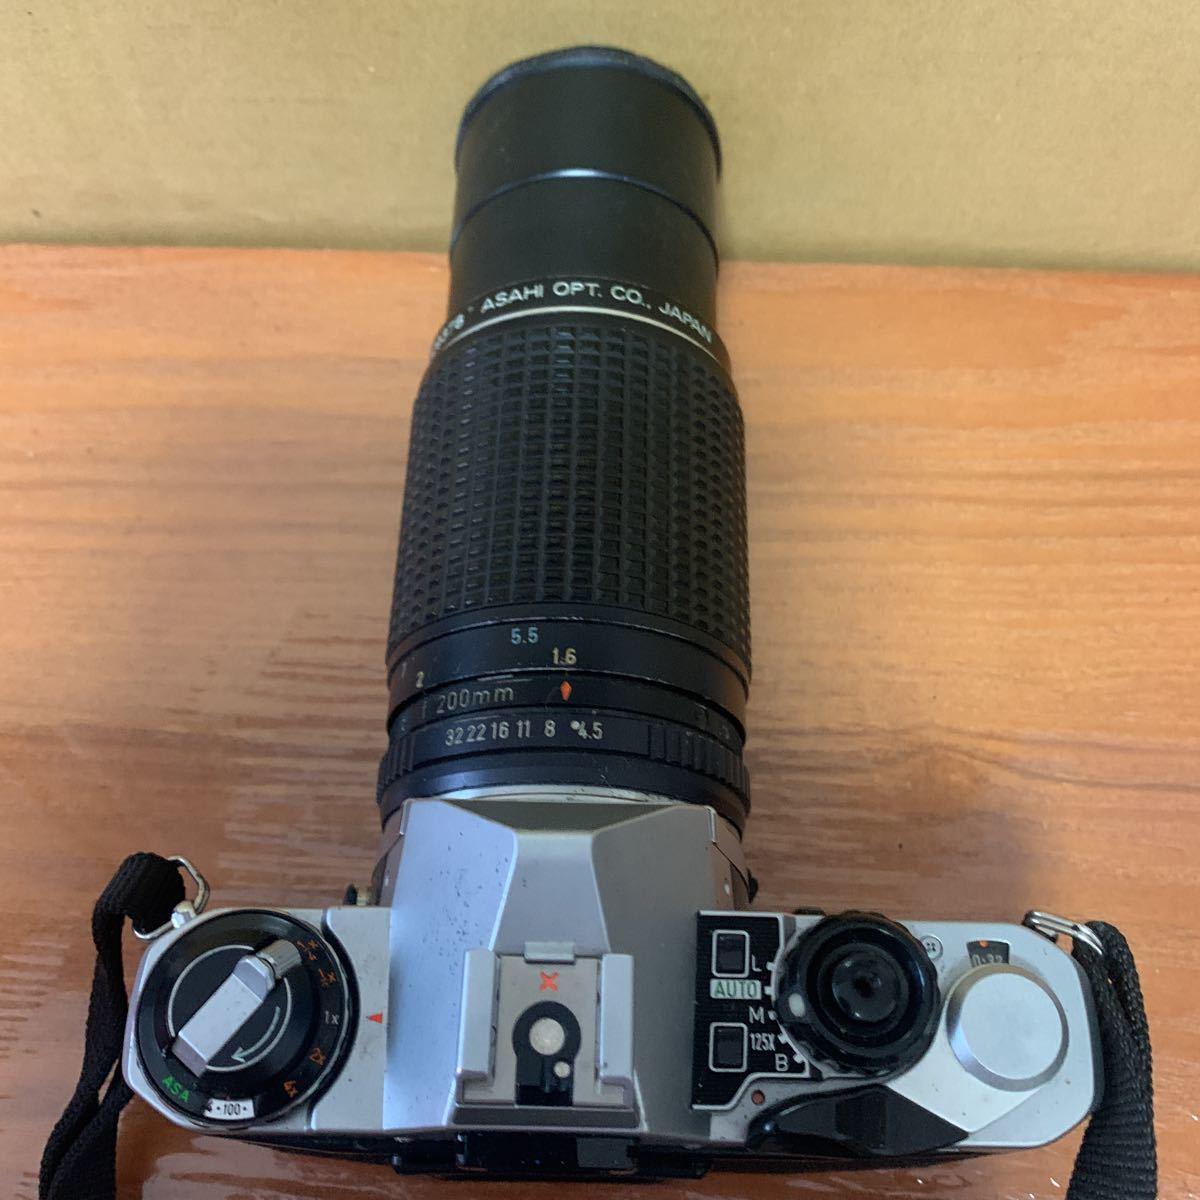 PENTAX ME SUPER ペンタックス 一眼レフカメラ フィルムカメラ 未確認 400_画像6